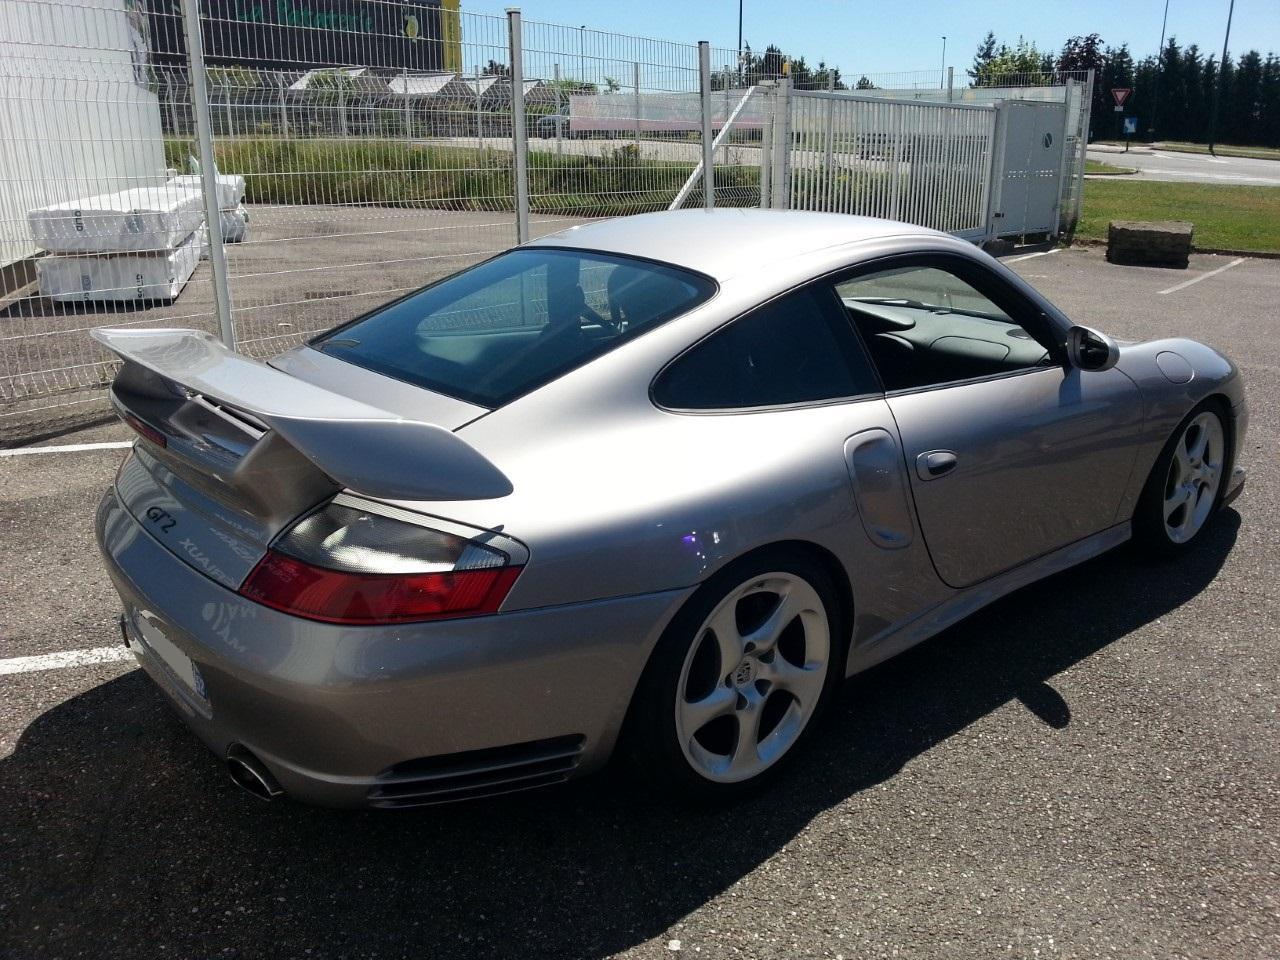 Porsche 996 GT2 462 ch (Porsche 996)